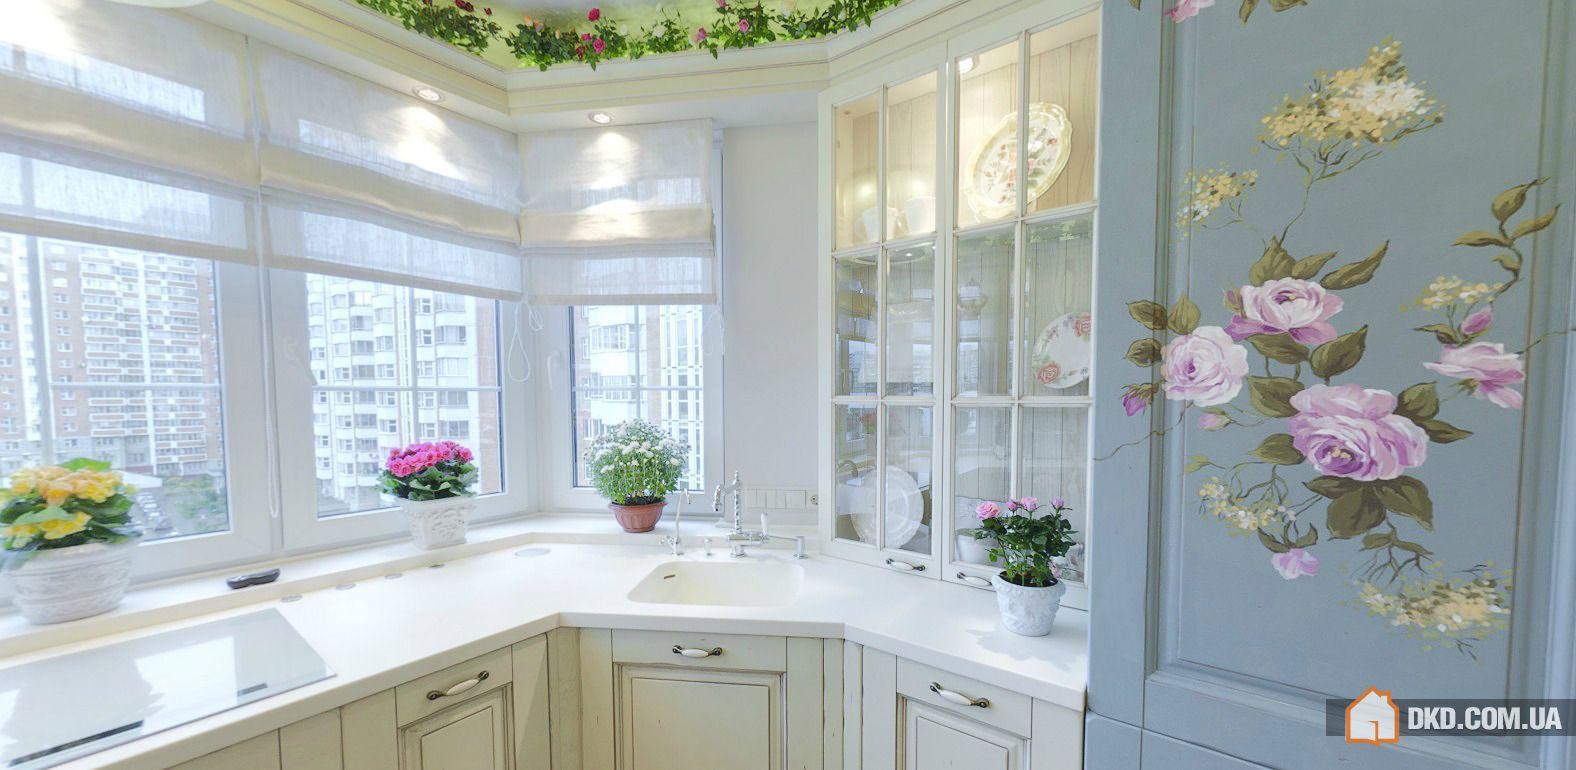 Оформление кухонной зоны в стиле летней веранды.